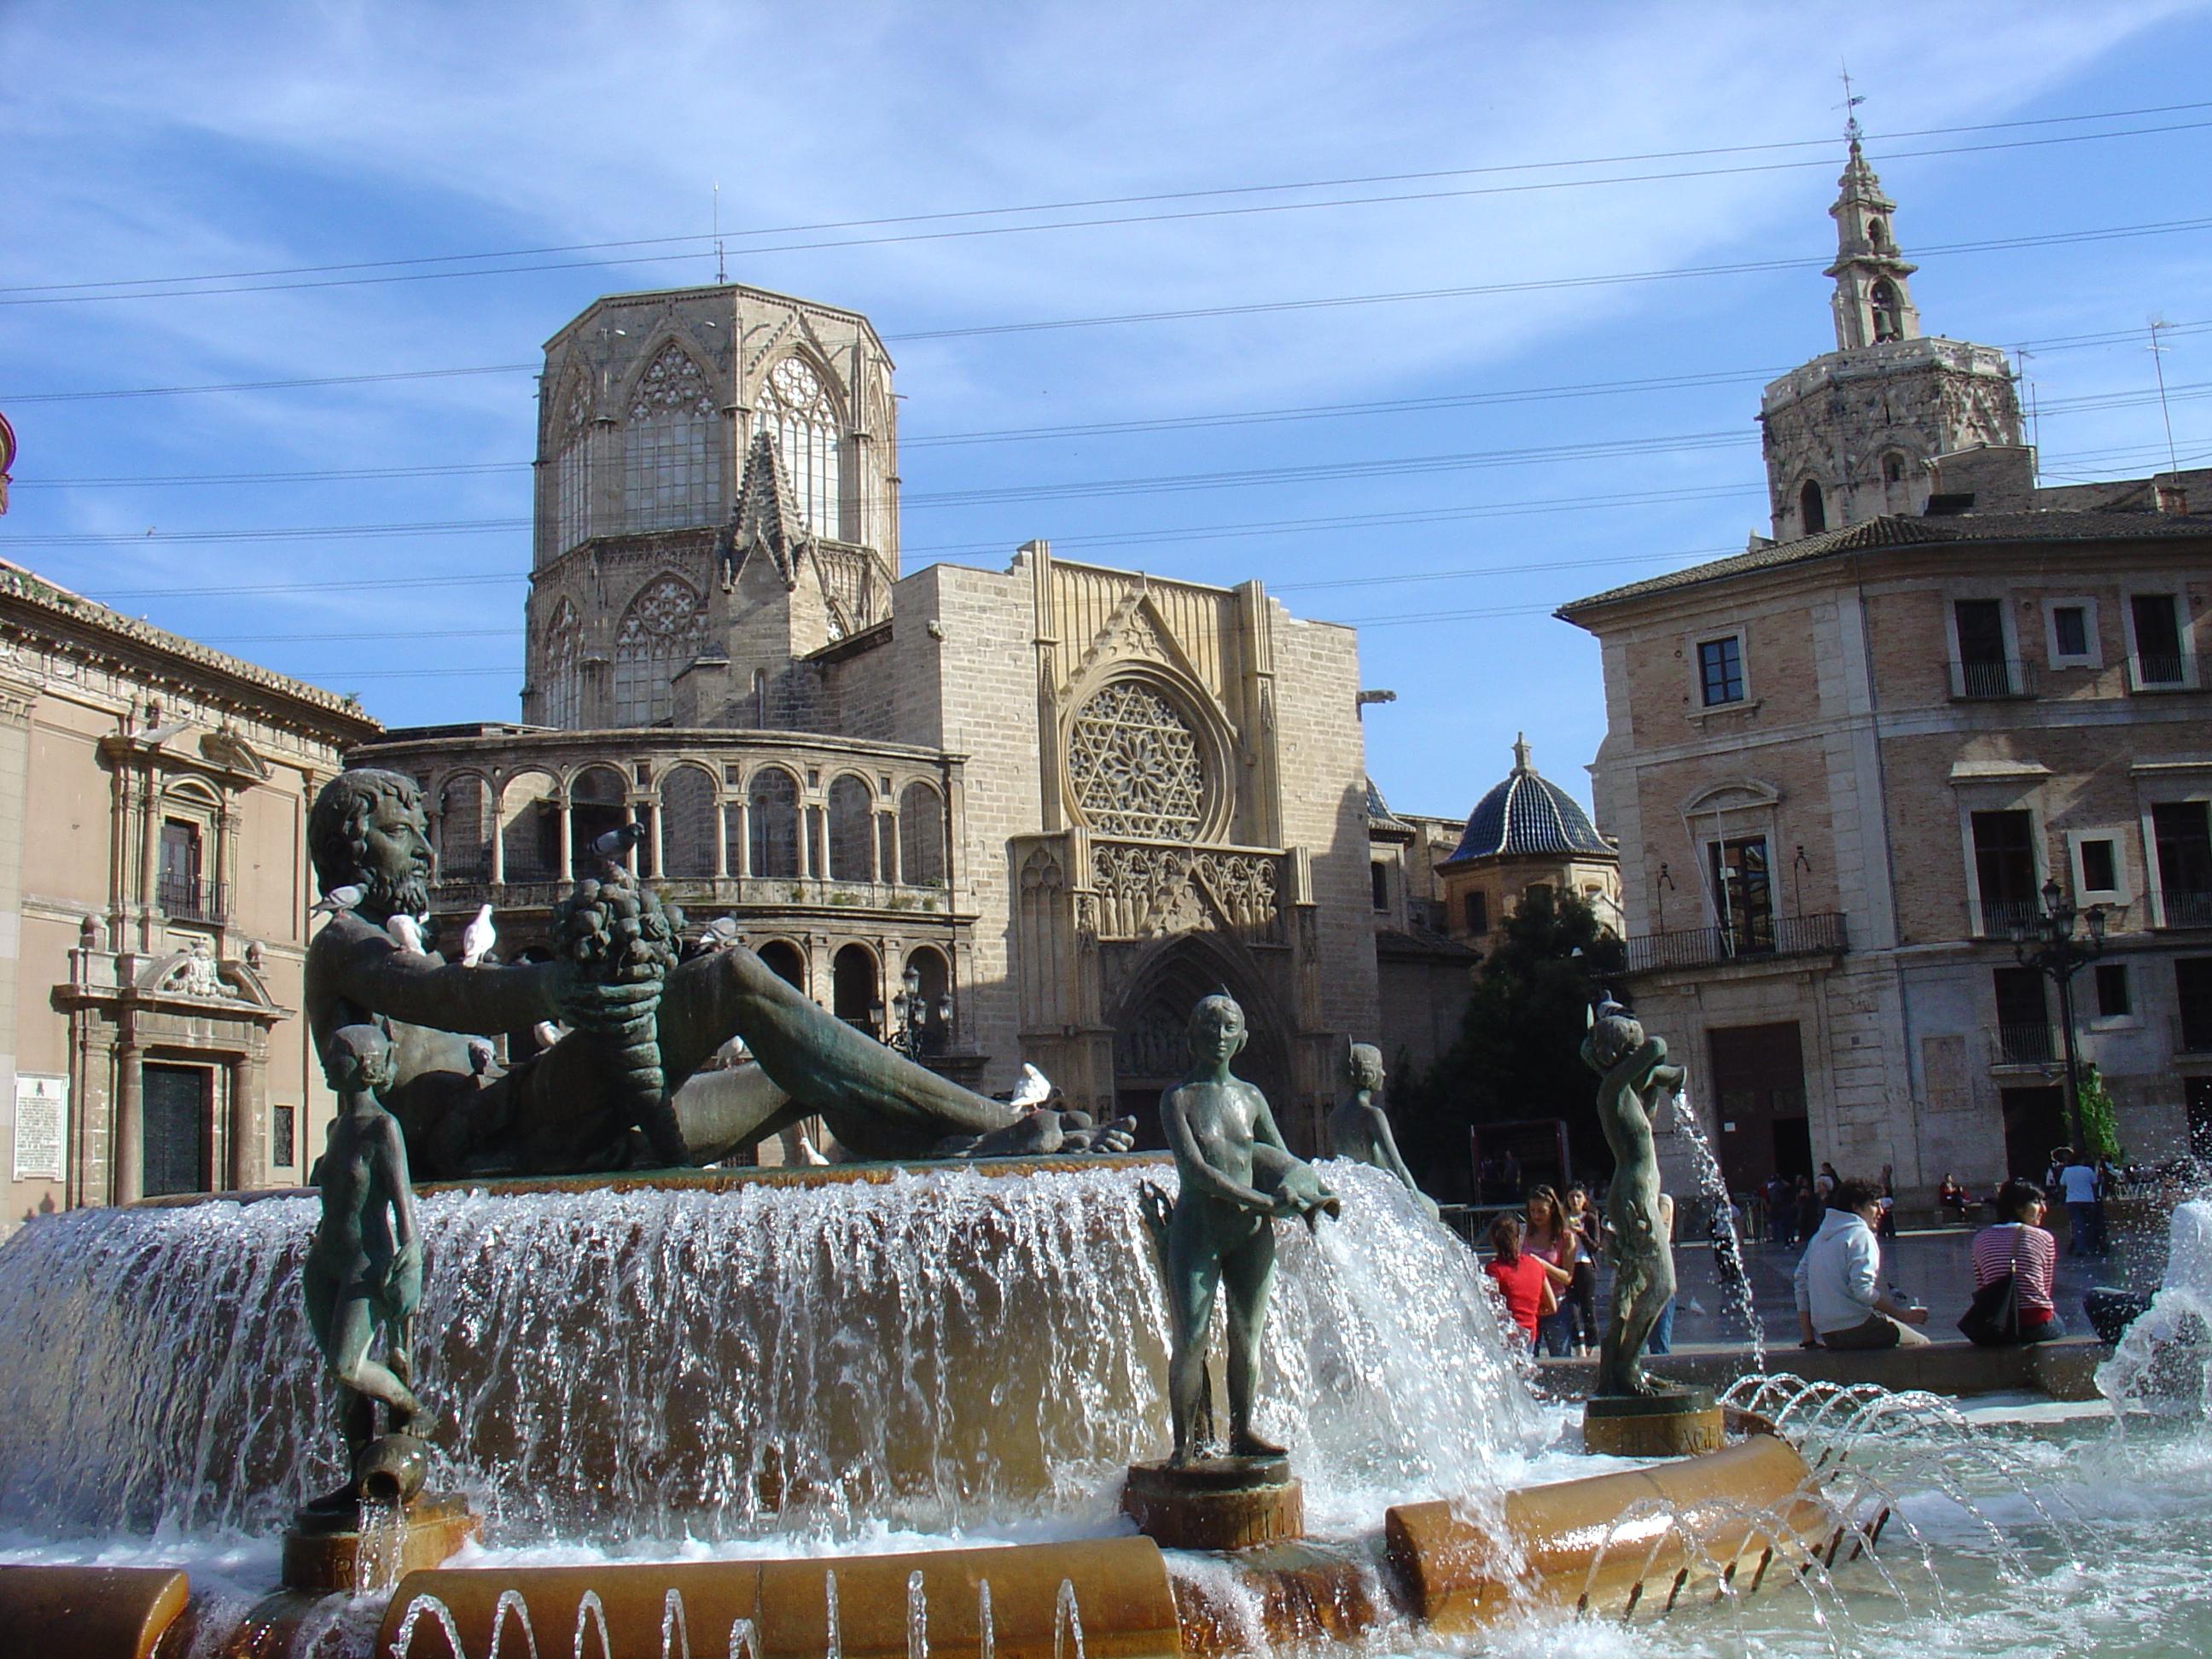 File:Catedral valencia.jpg